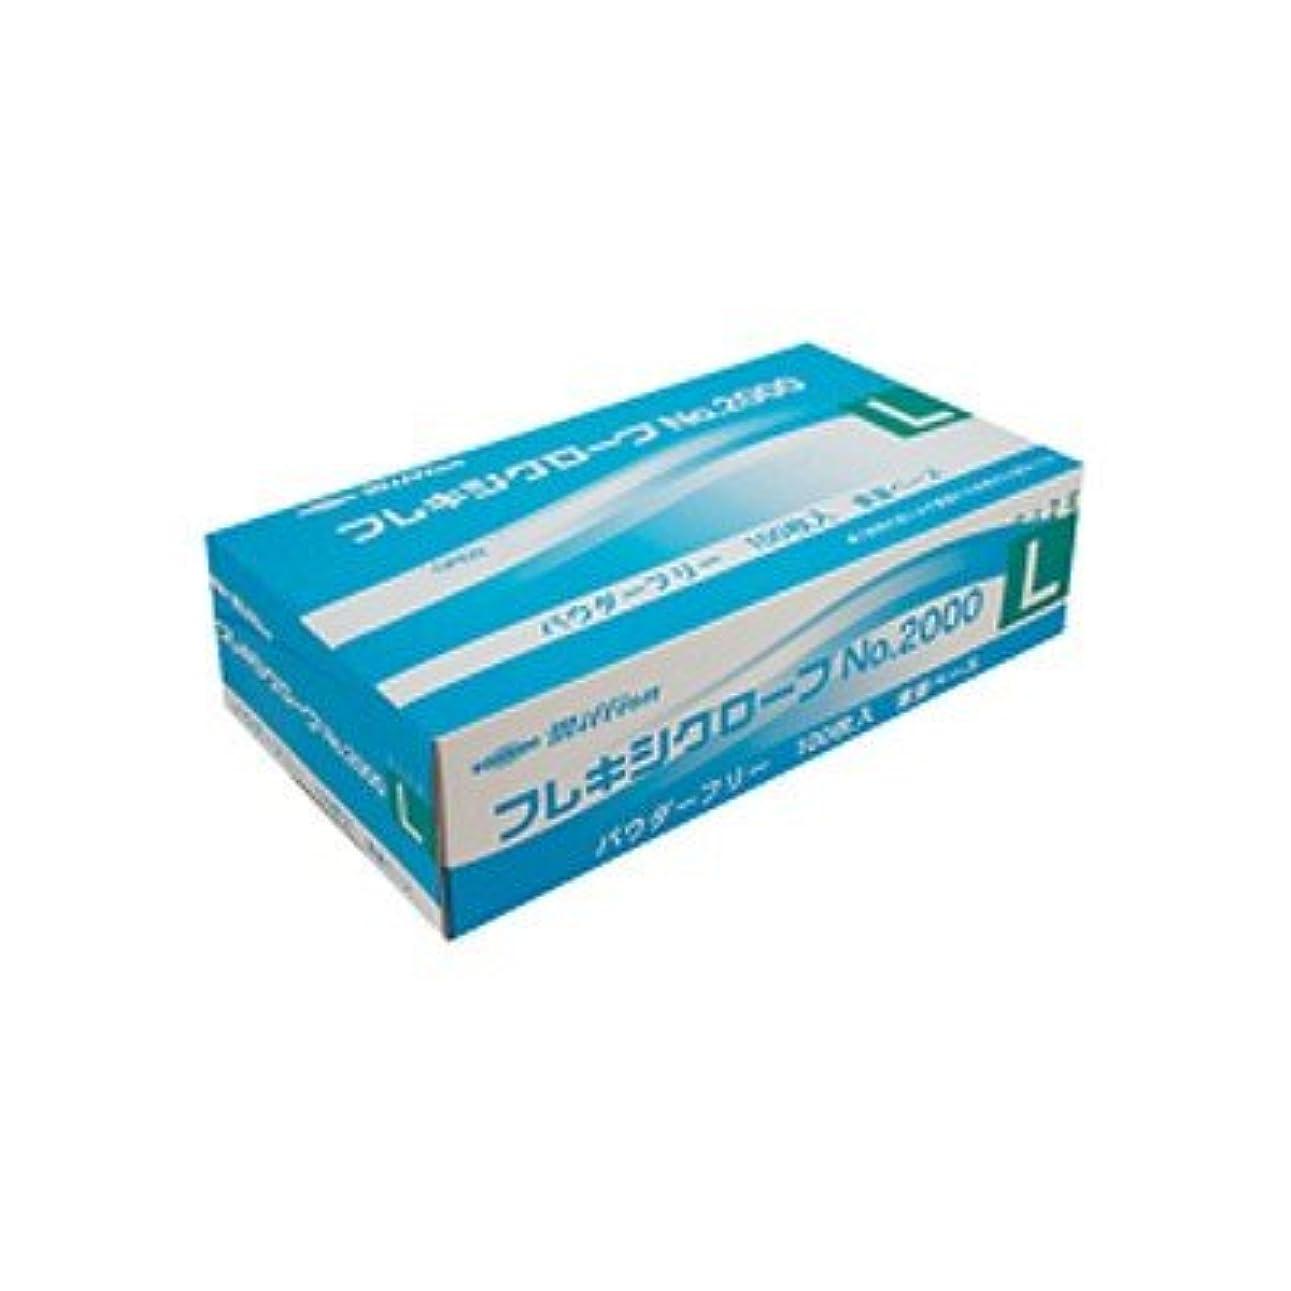 でも渇き実際にミリオン プラスチック手袋 粉無No.2000 L 品番:LH-2000-L 注文番号:62741620 メーカー:共和